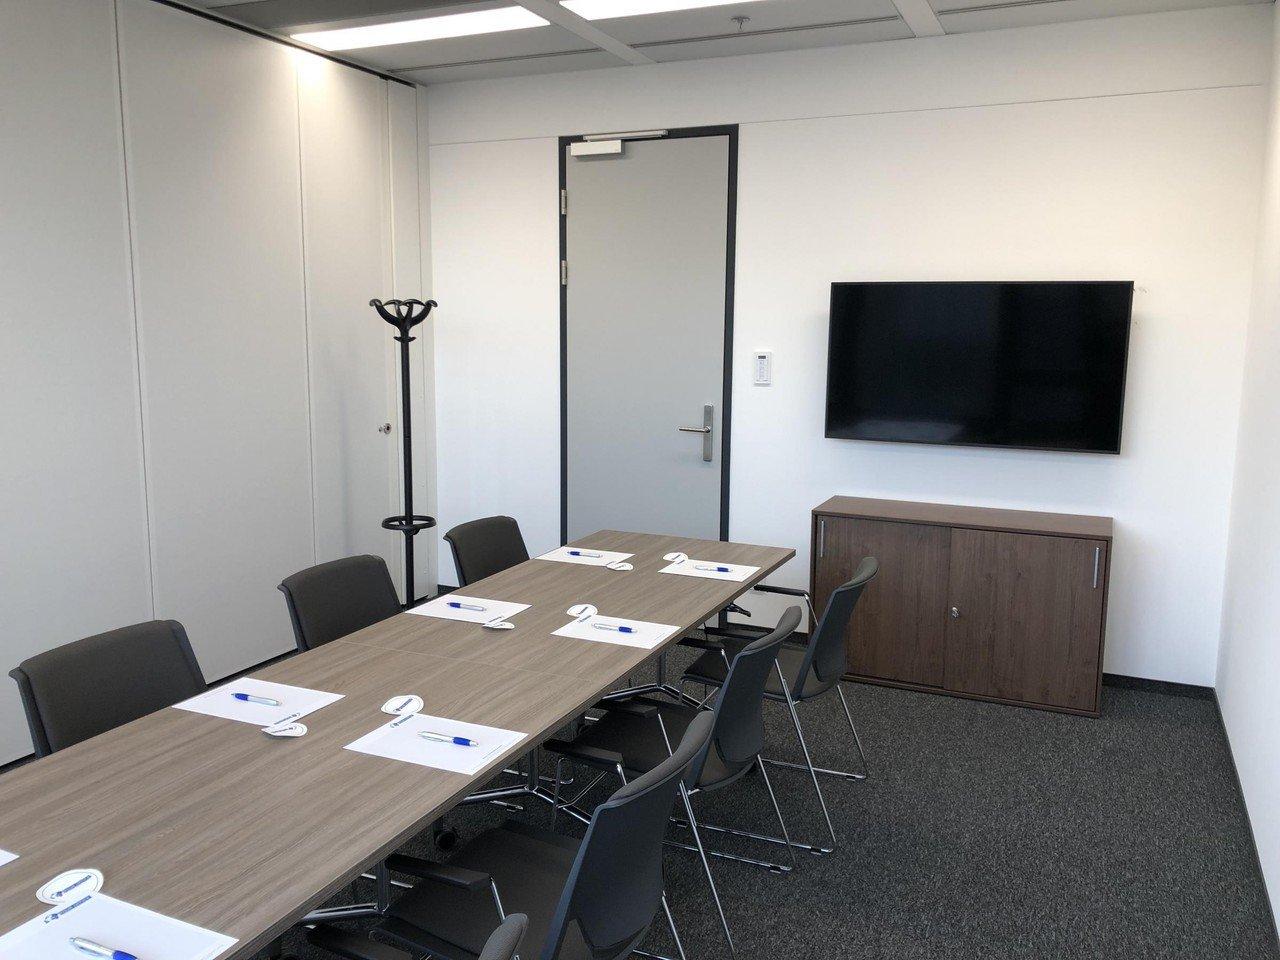 Vienna  Salle de réunion Your Office - Belvedere Ost image 0